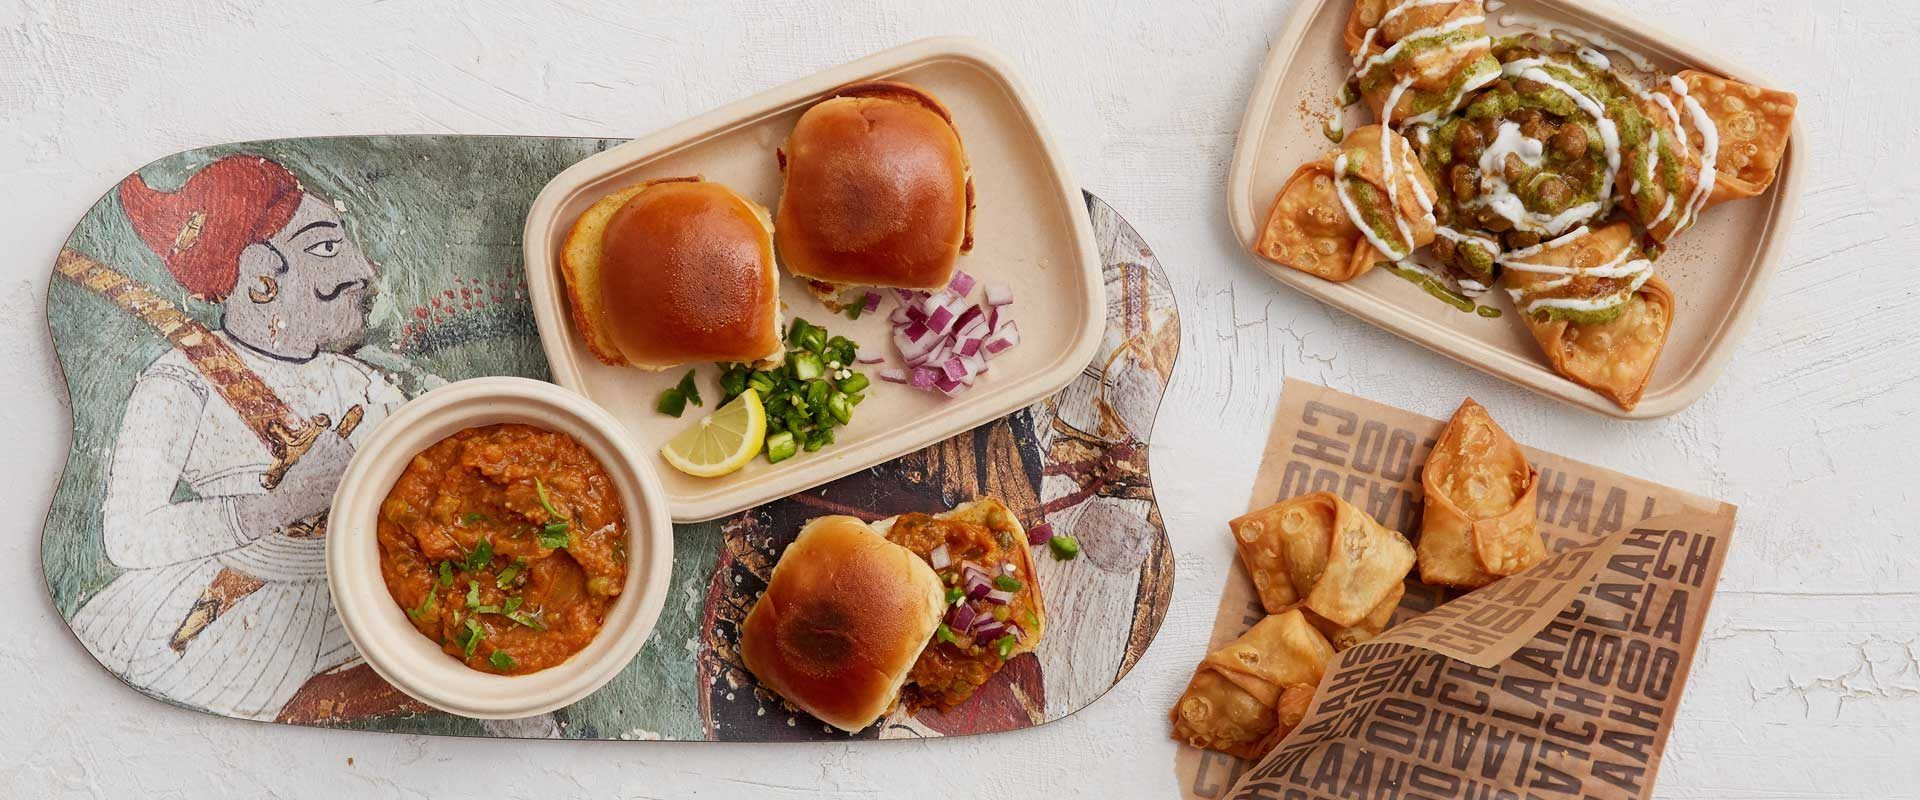 Pav Bhaji, samosas and samosa chaat on a table